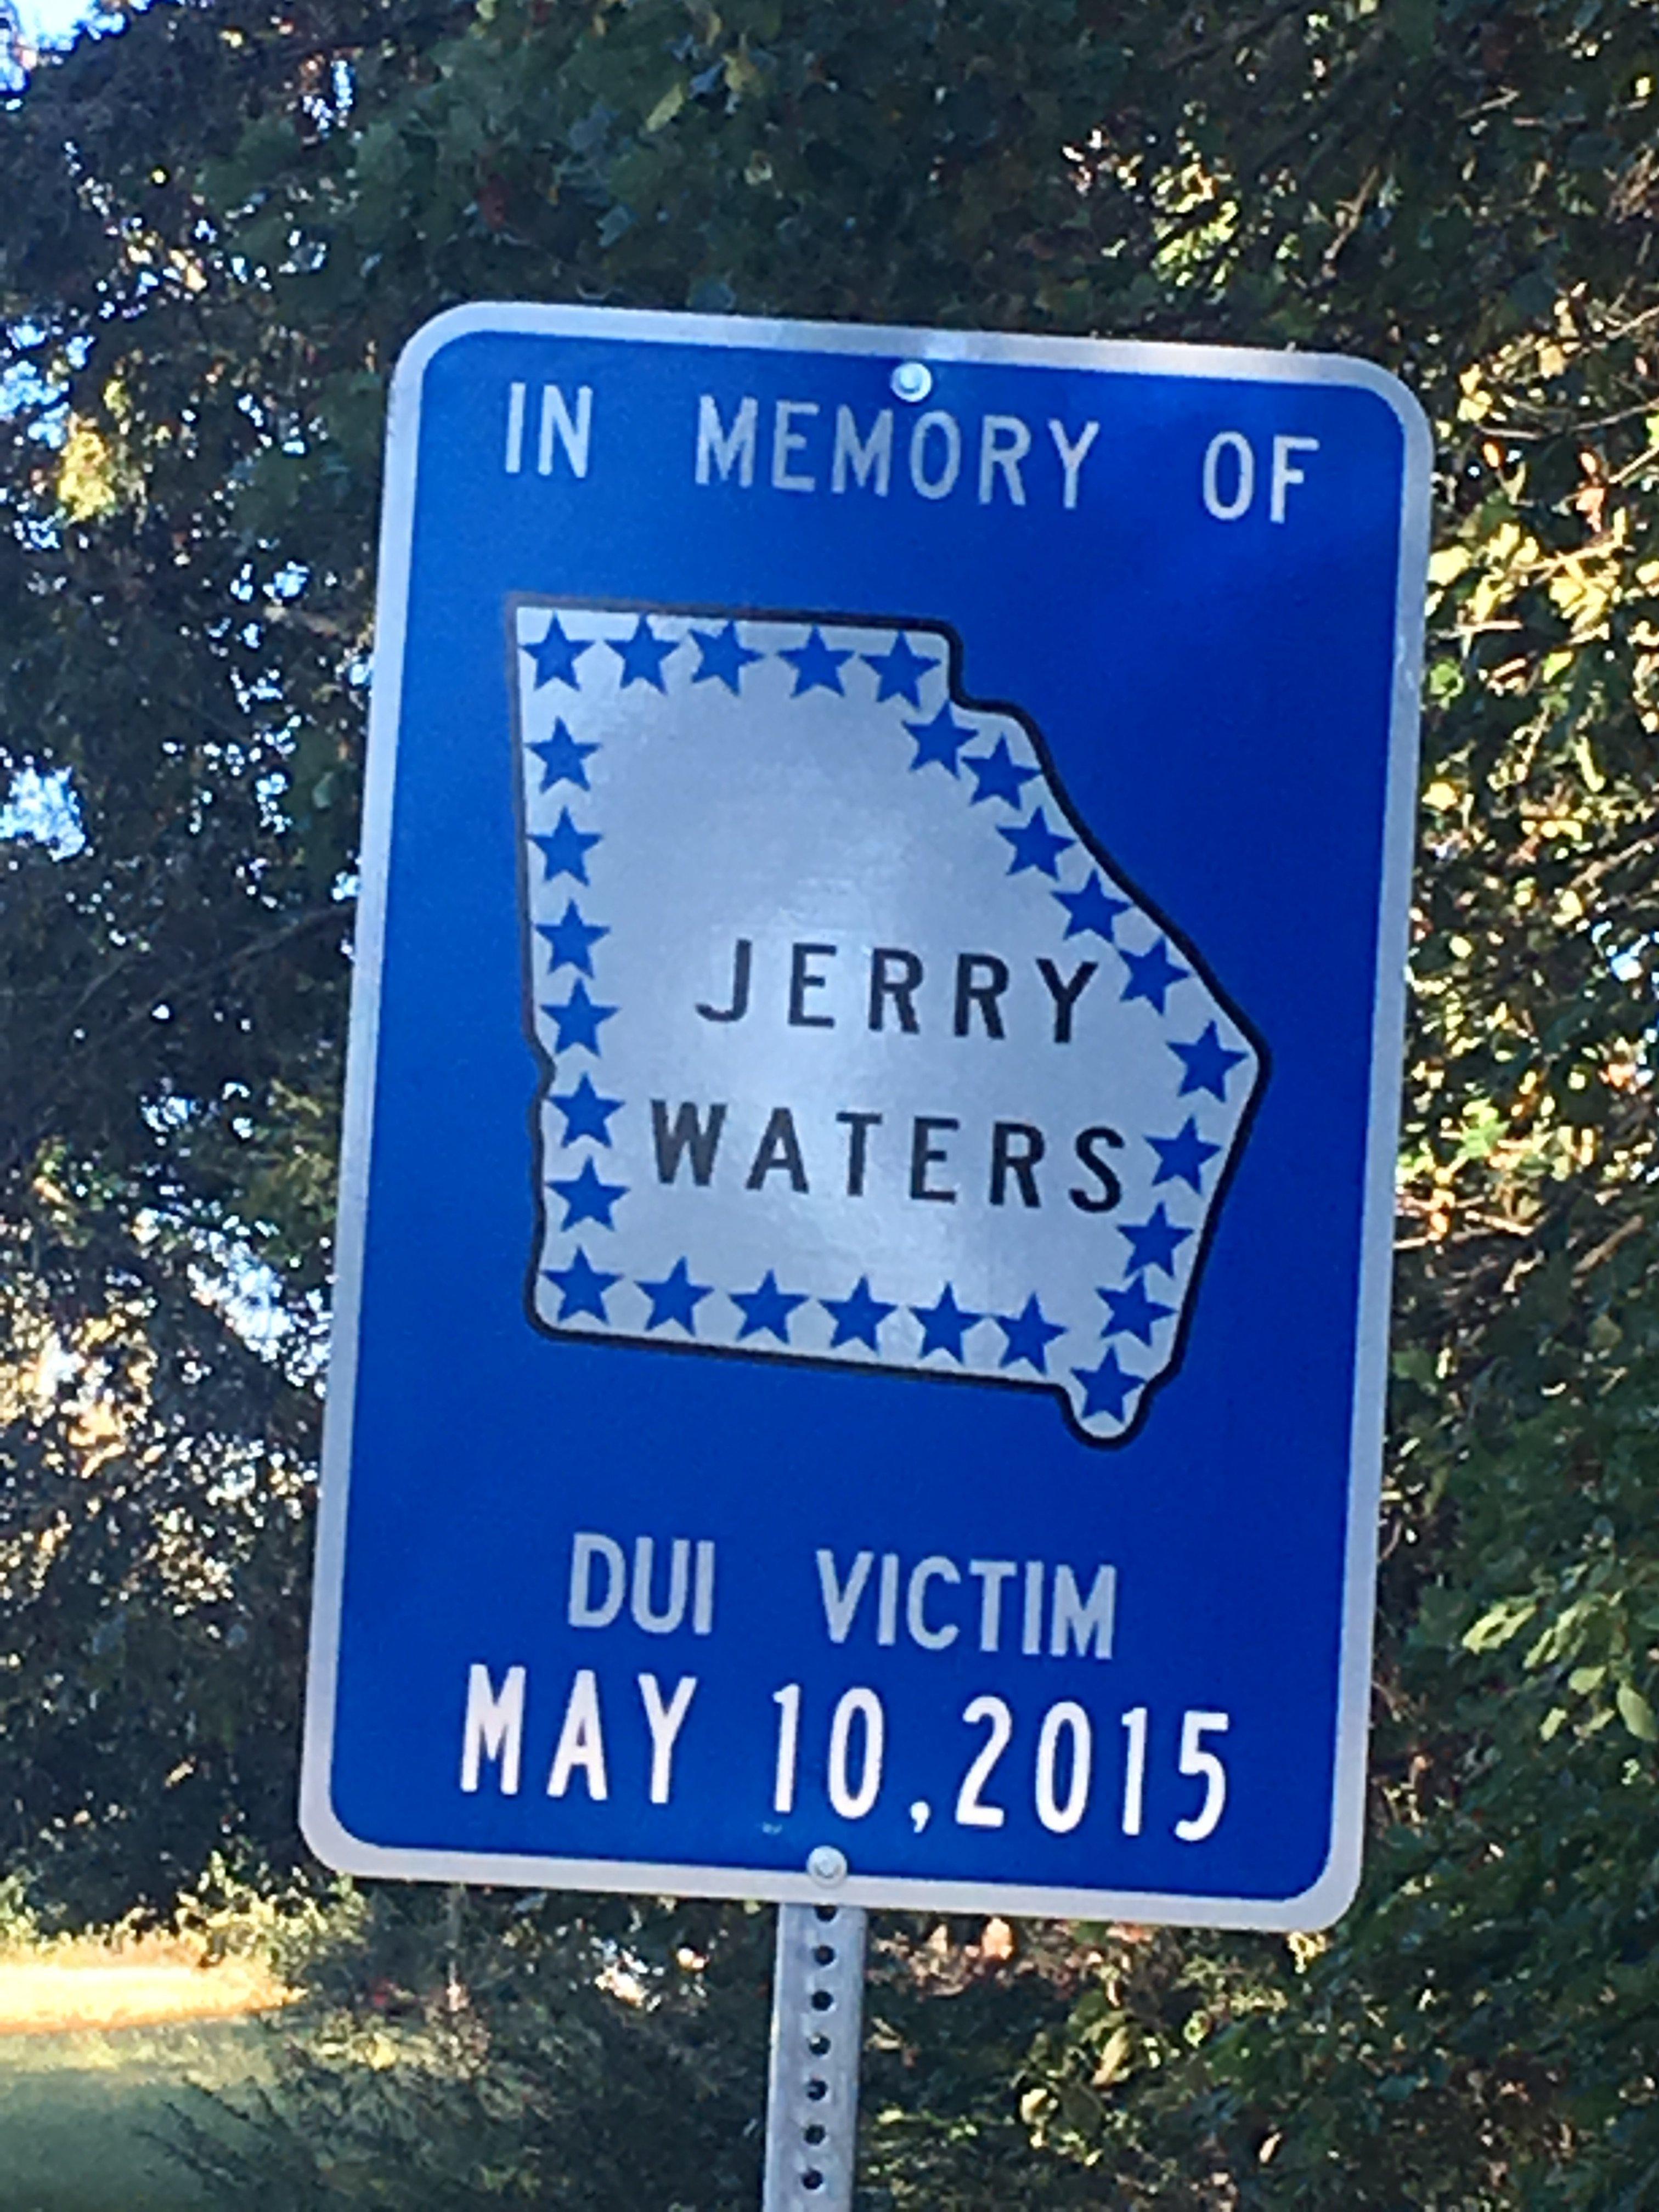 DUI memorial 2